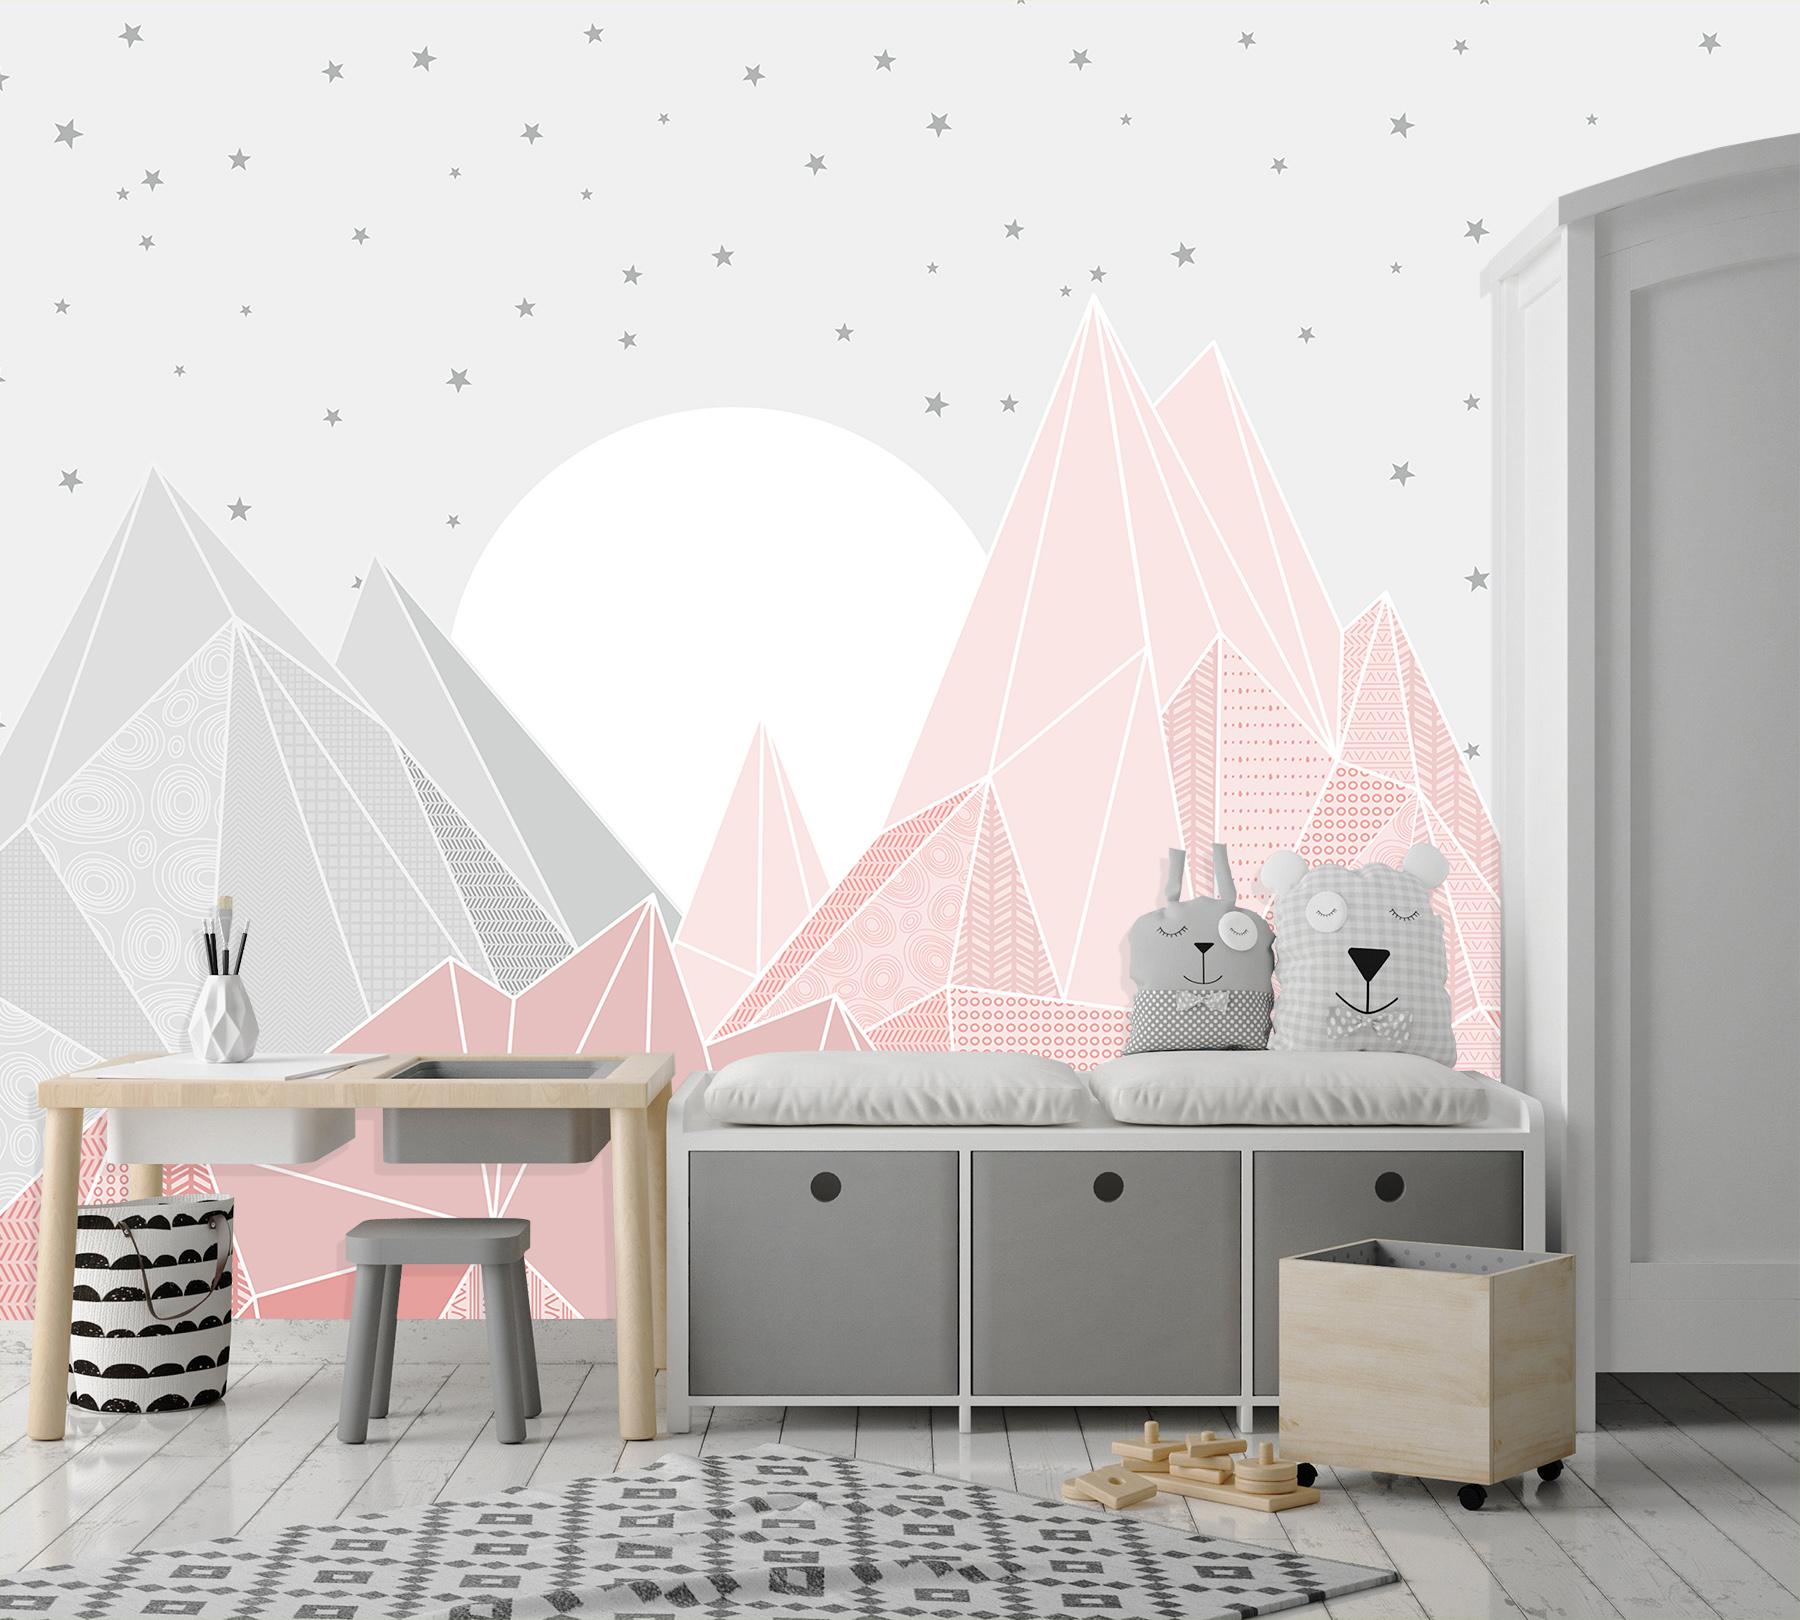 Фотообои на стену в скандинавском стиле: особенности и дизайн рисунка в различных комнатах